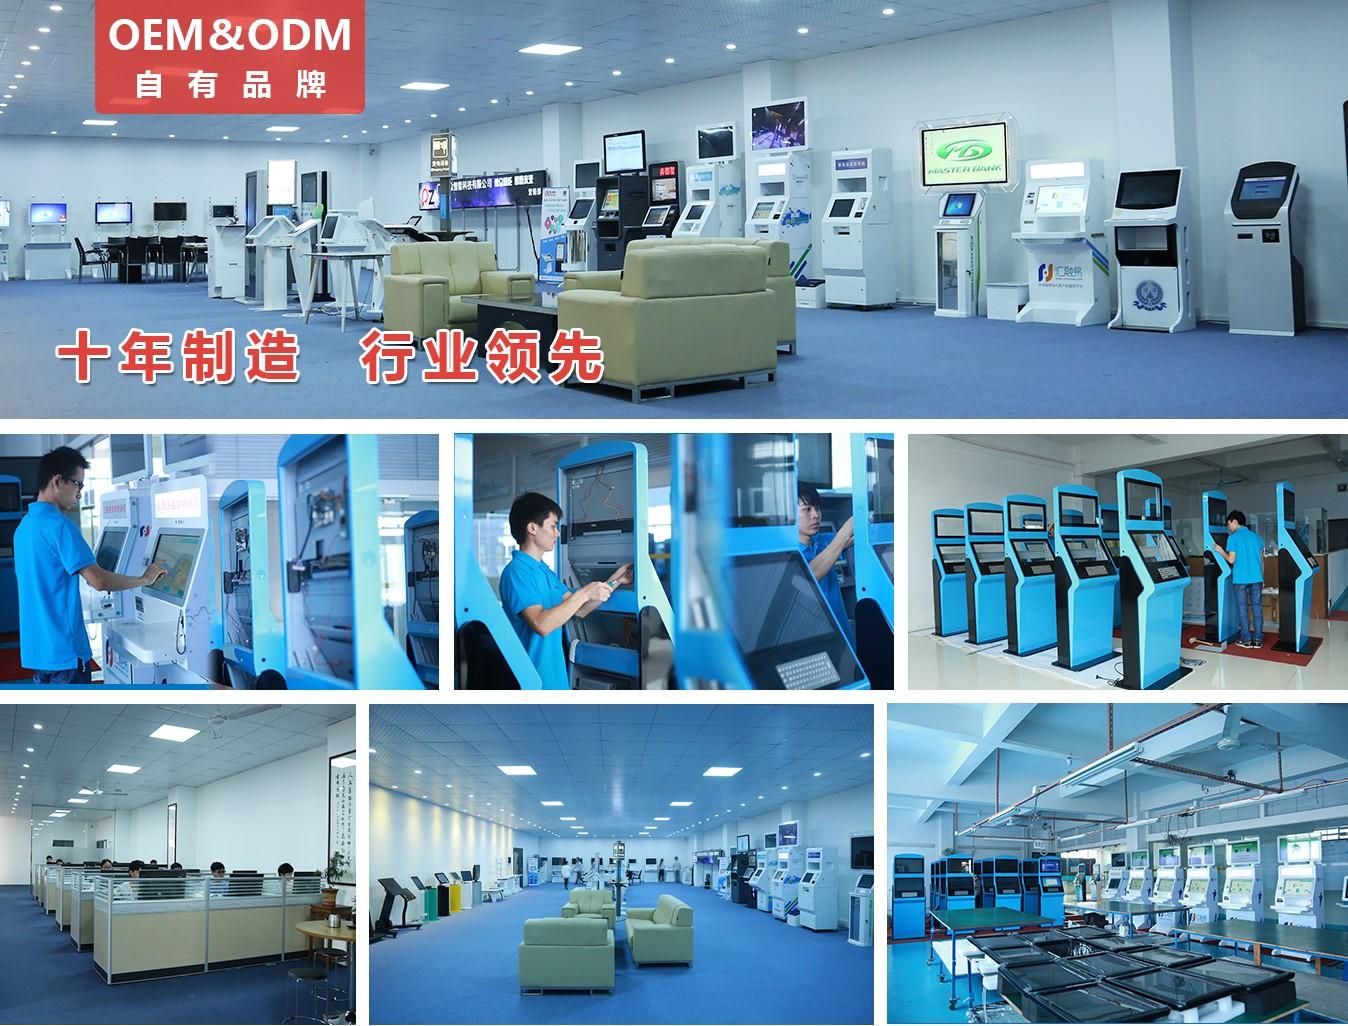 13.3寸卧式触摸一体机PZ-13.3BHP--广州磐众智能科技有限公司